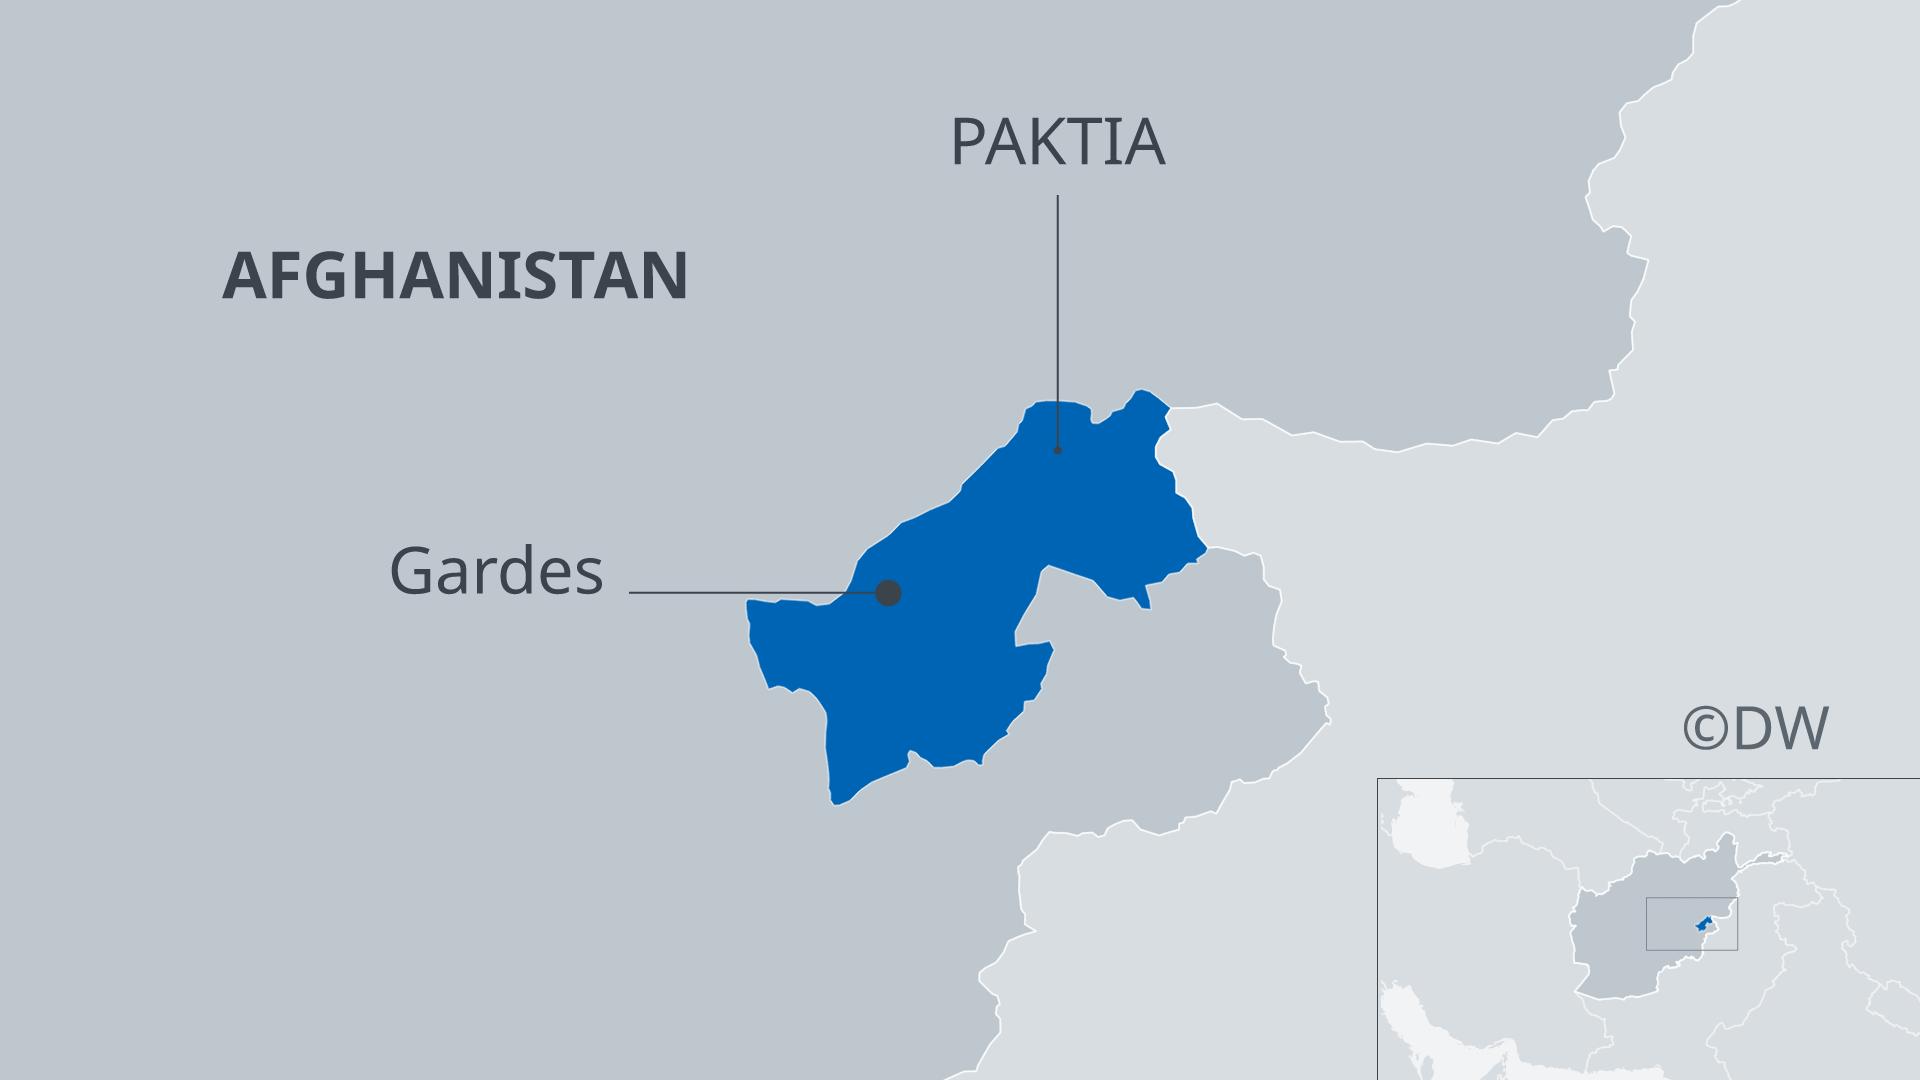 Infografik Karte Afghanistan mit Provinz Paktia und der Provinzhauptstadt Gardes DE